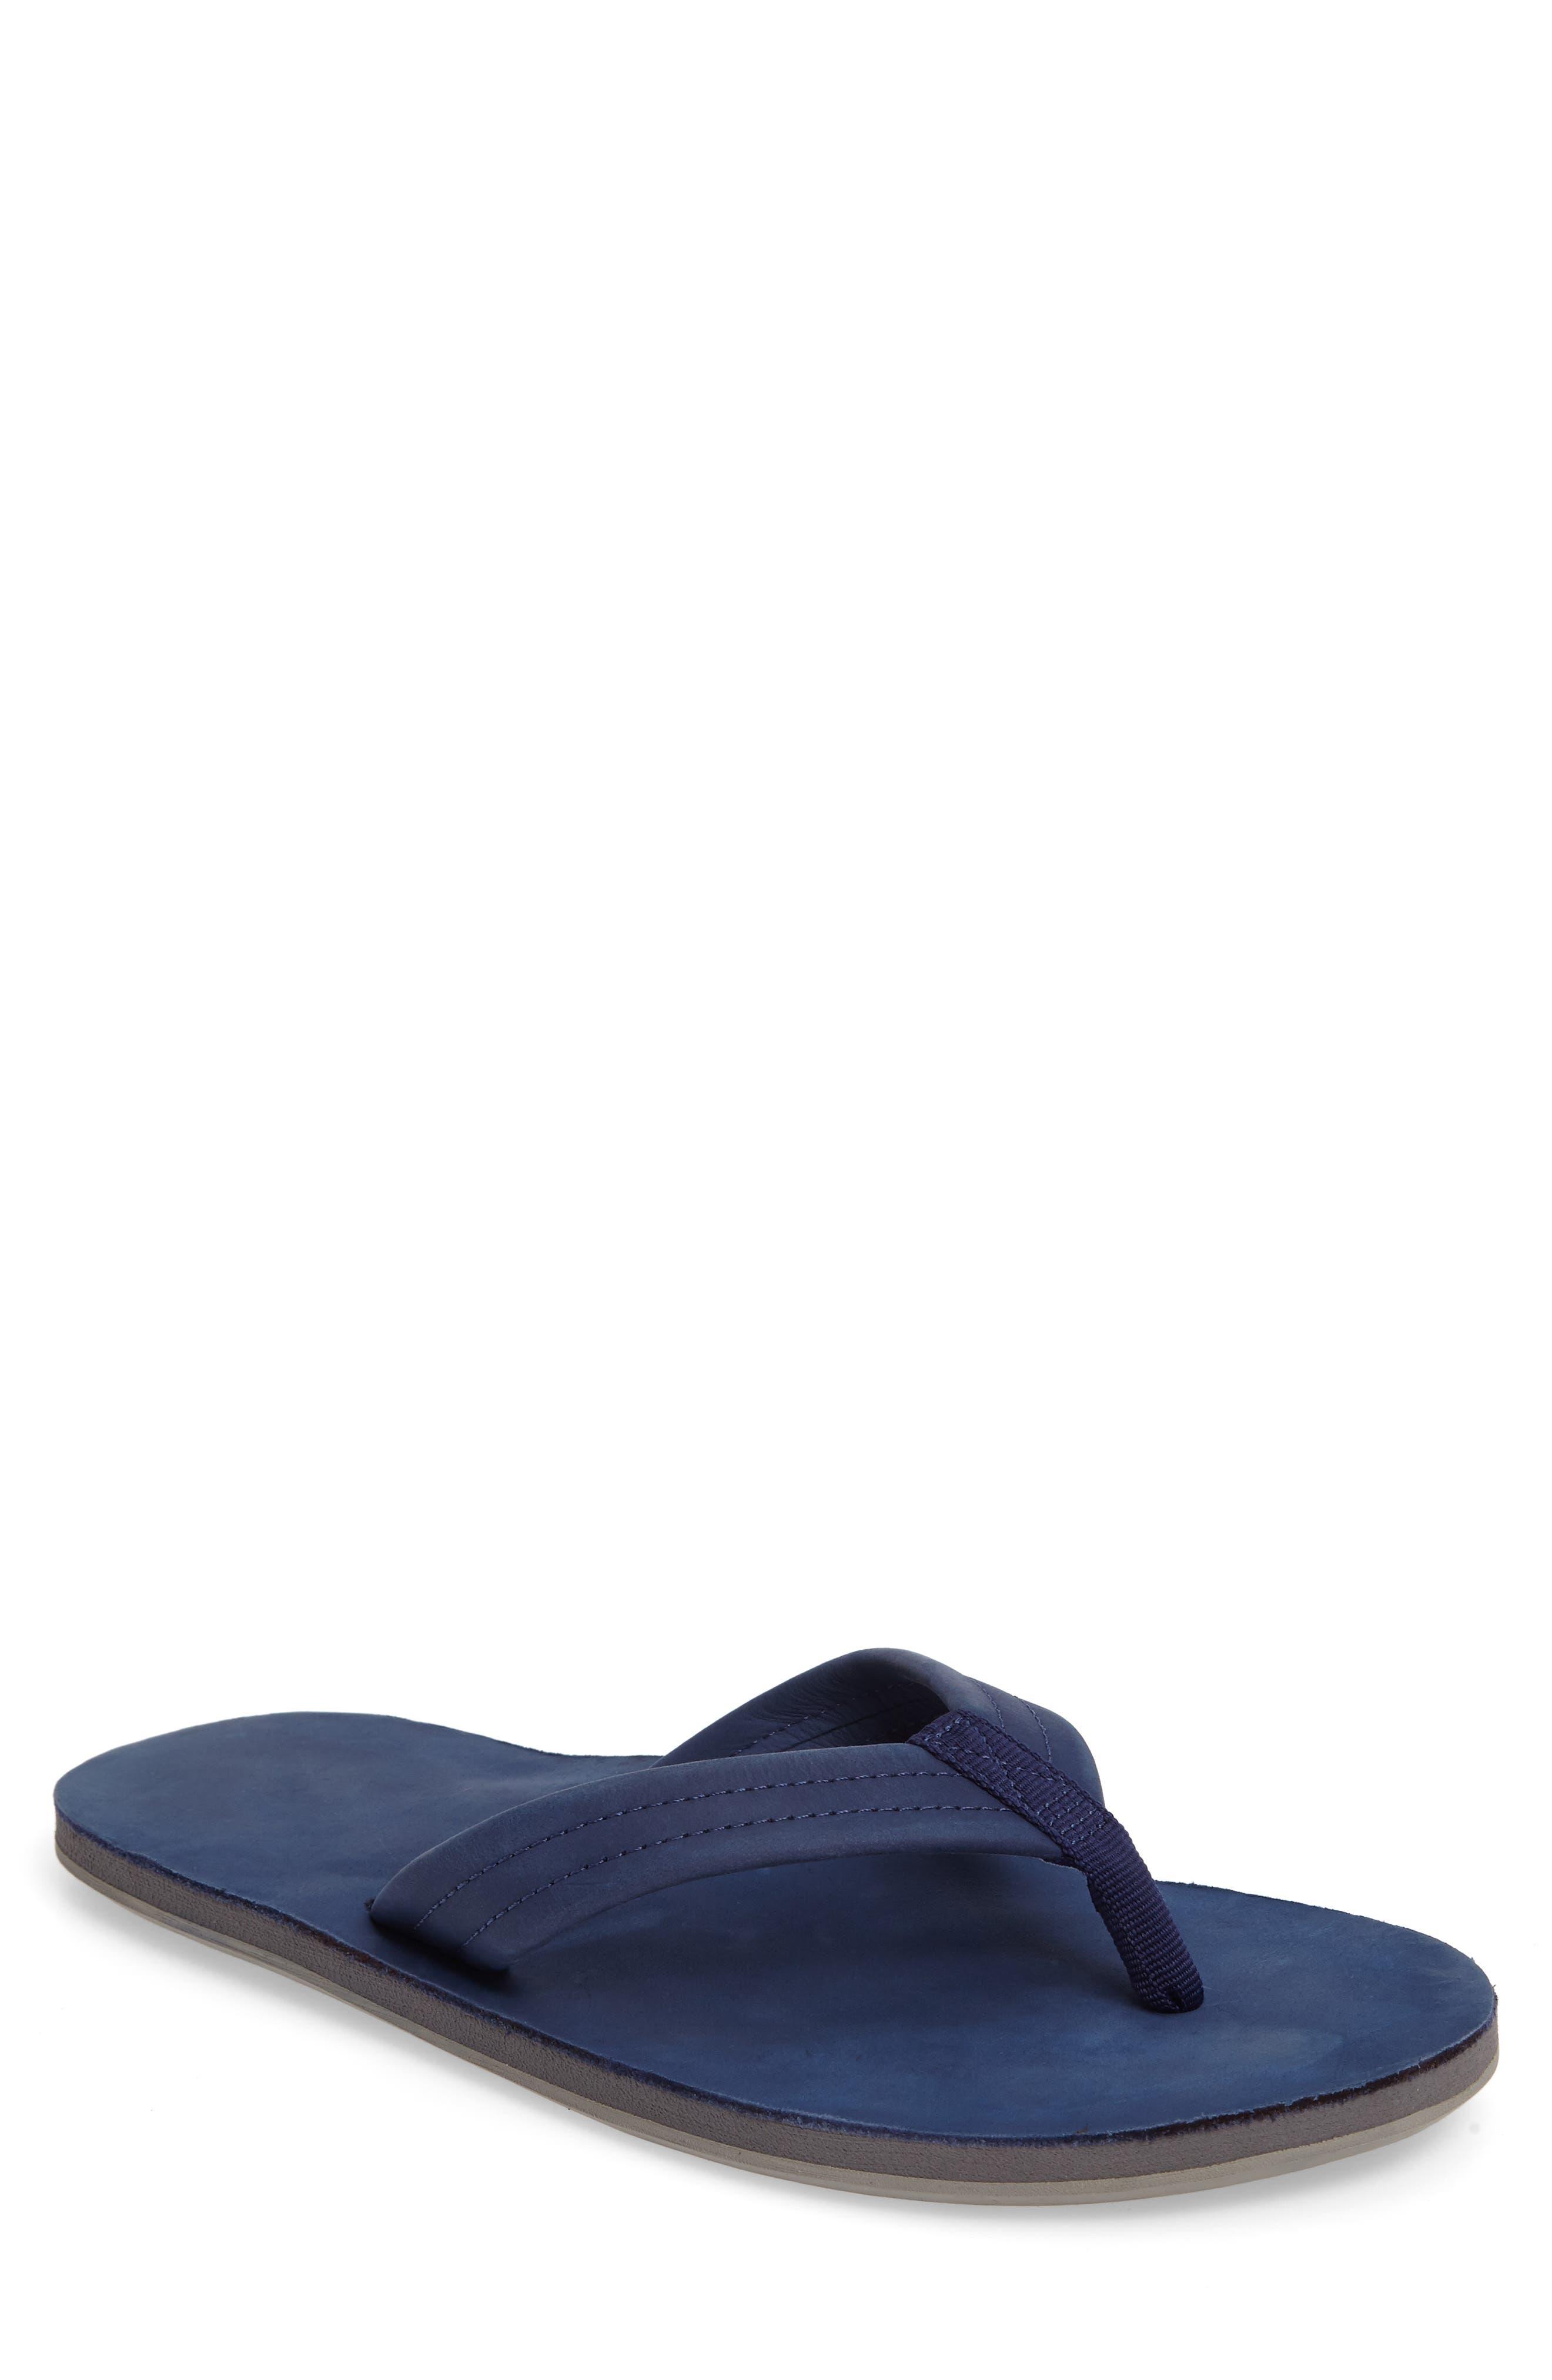 HARI MARI 'Fields' Flip Flop